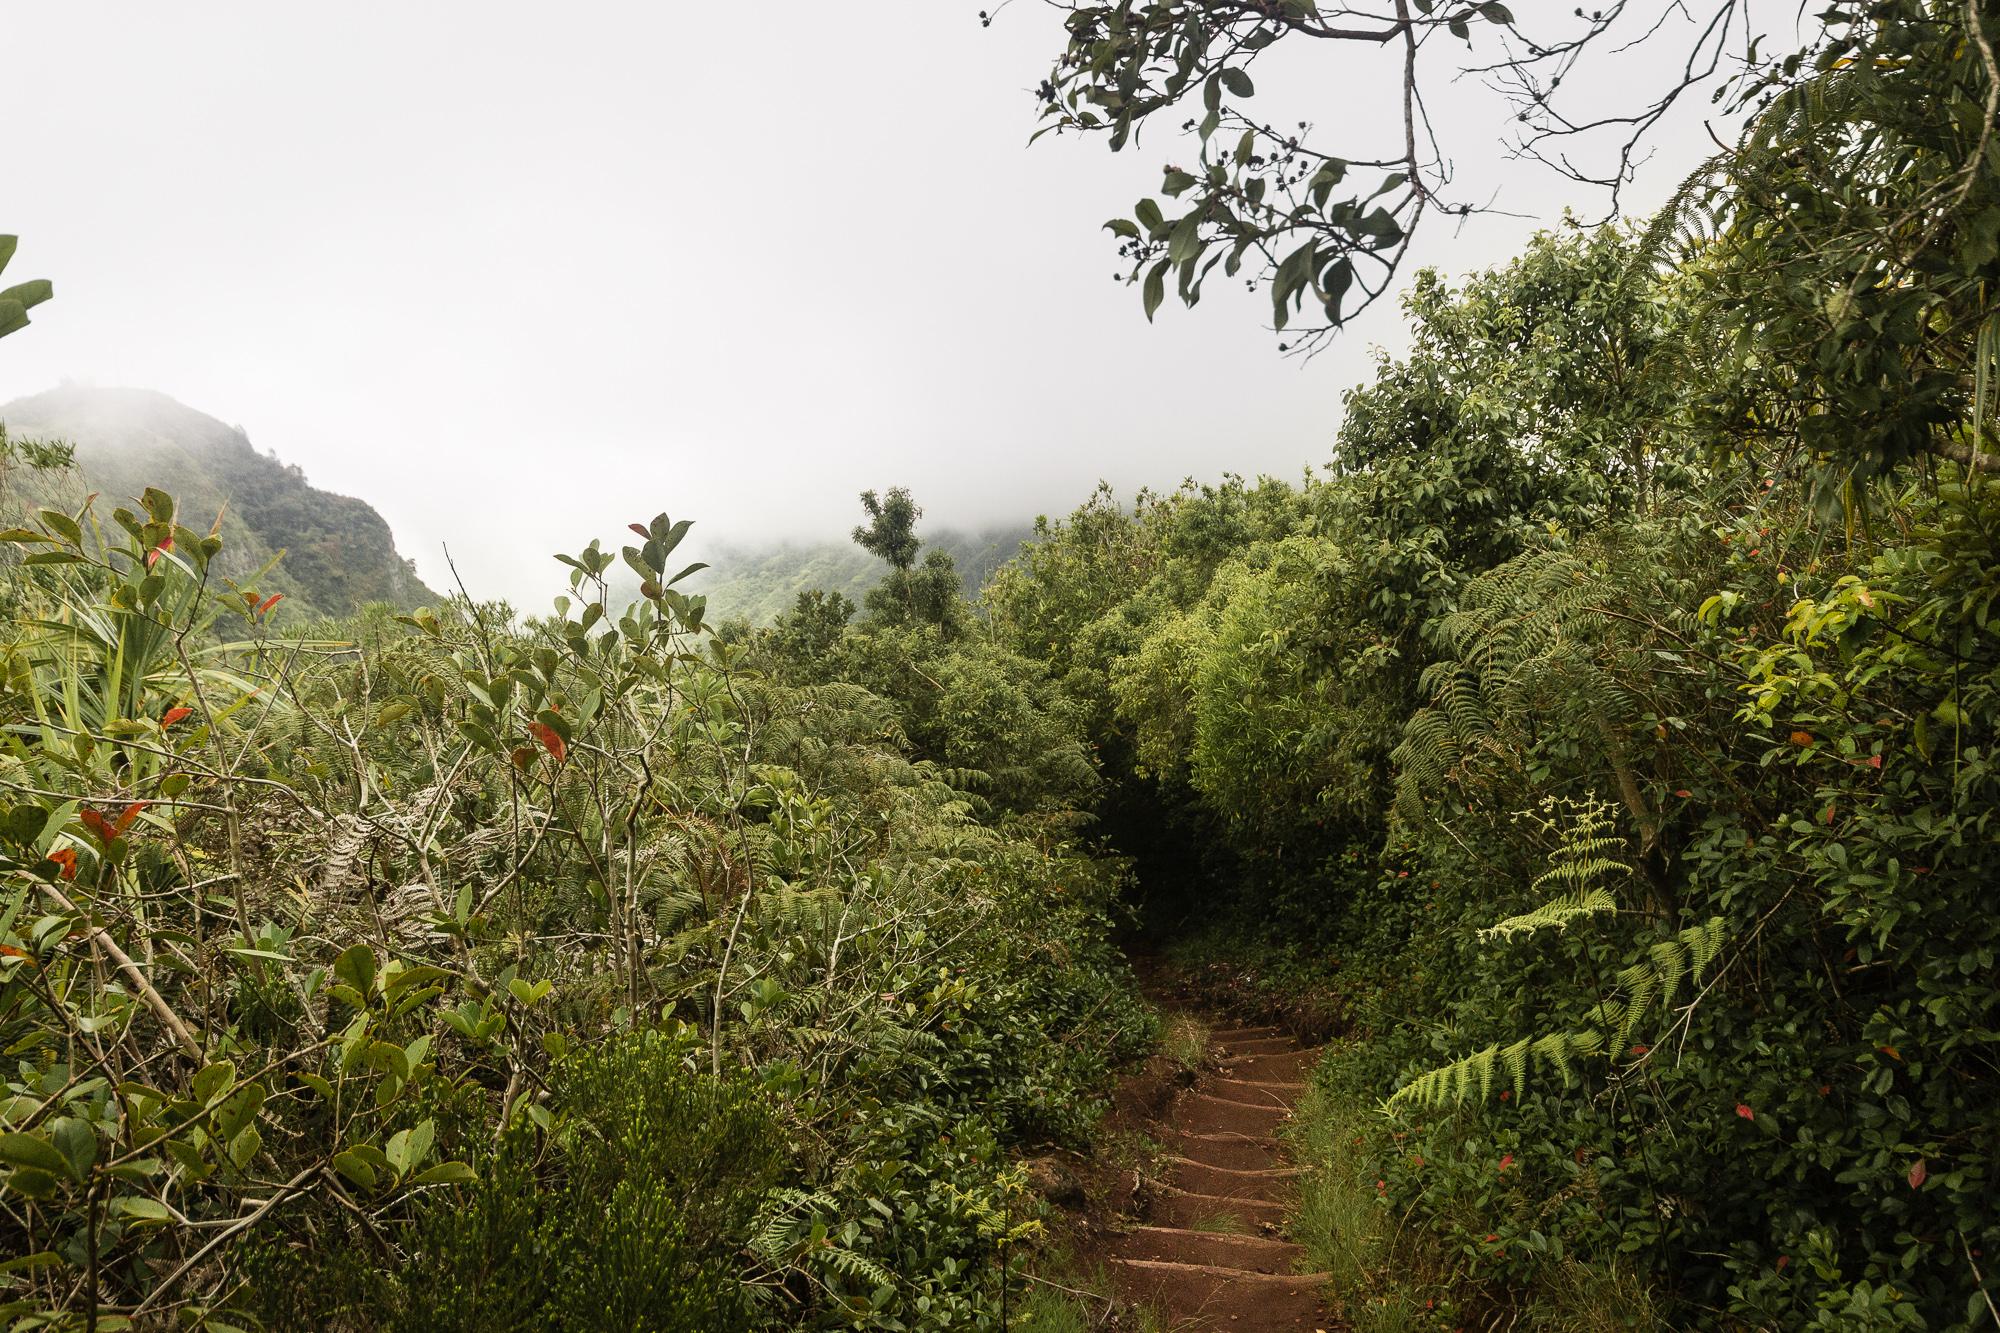 végétation tropicale réunion